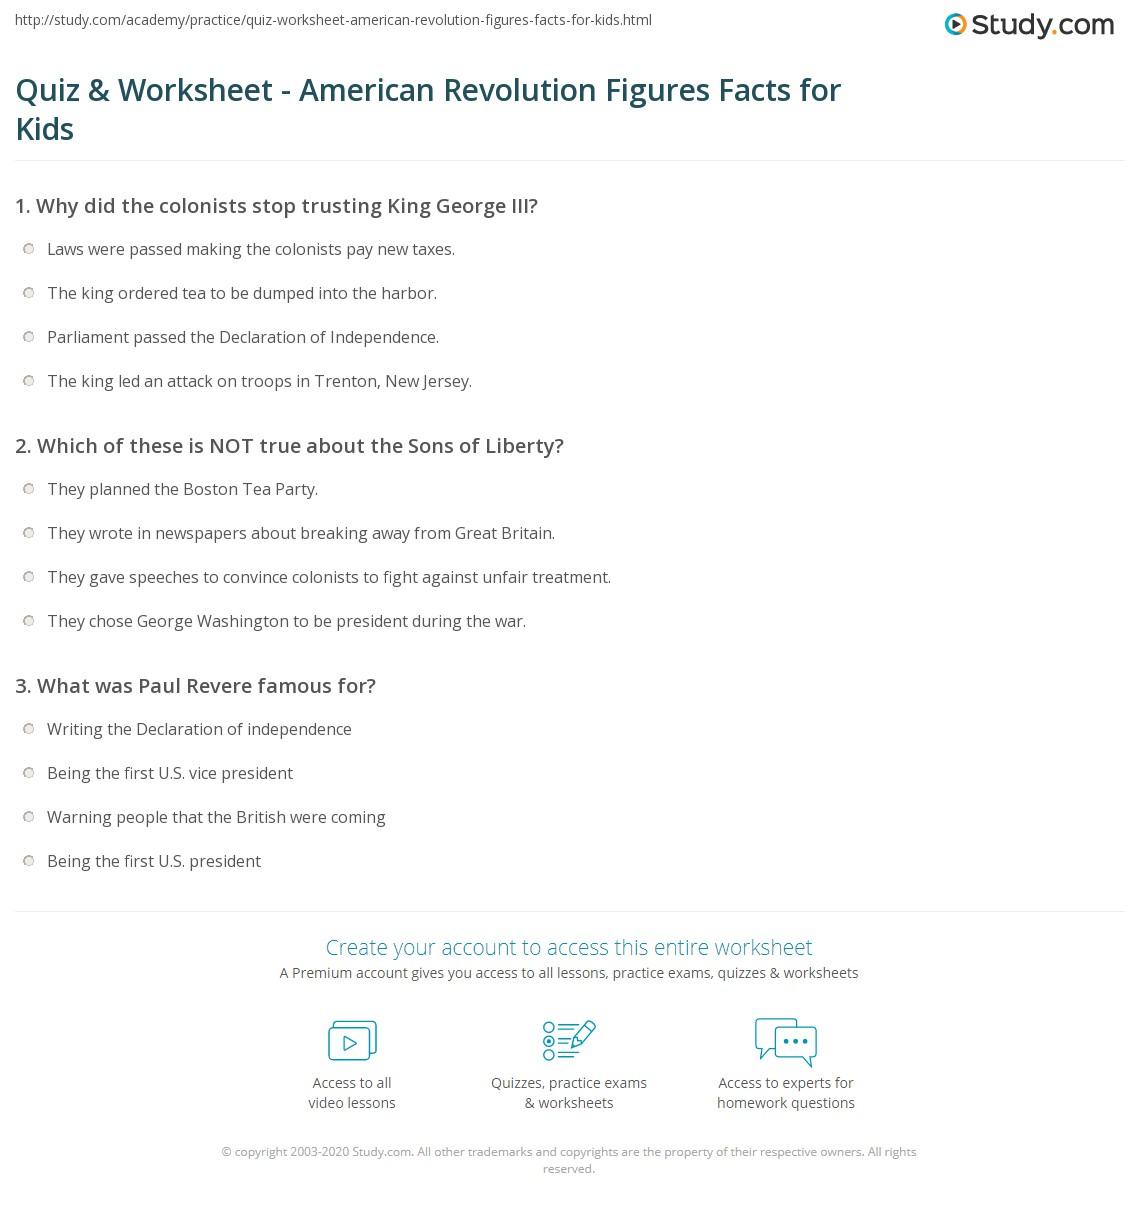 Quiz Worksheet American Revolution Figures Facts For Kids - American revolution facts